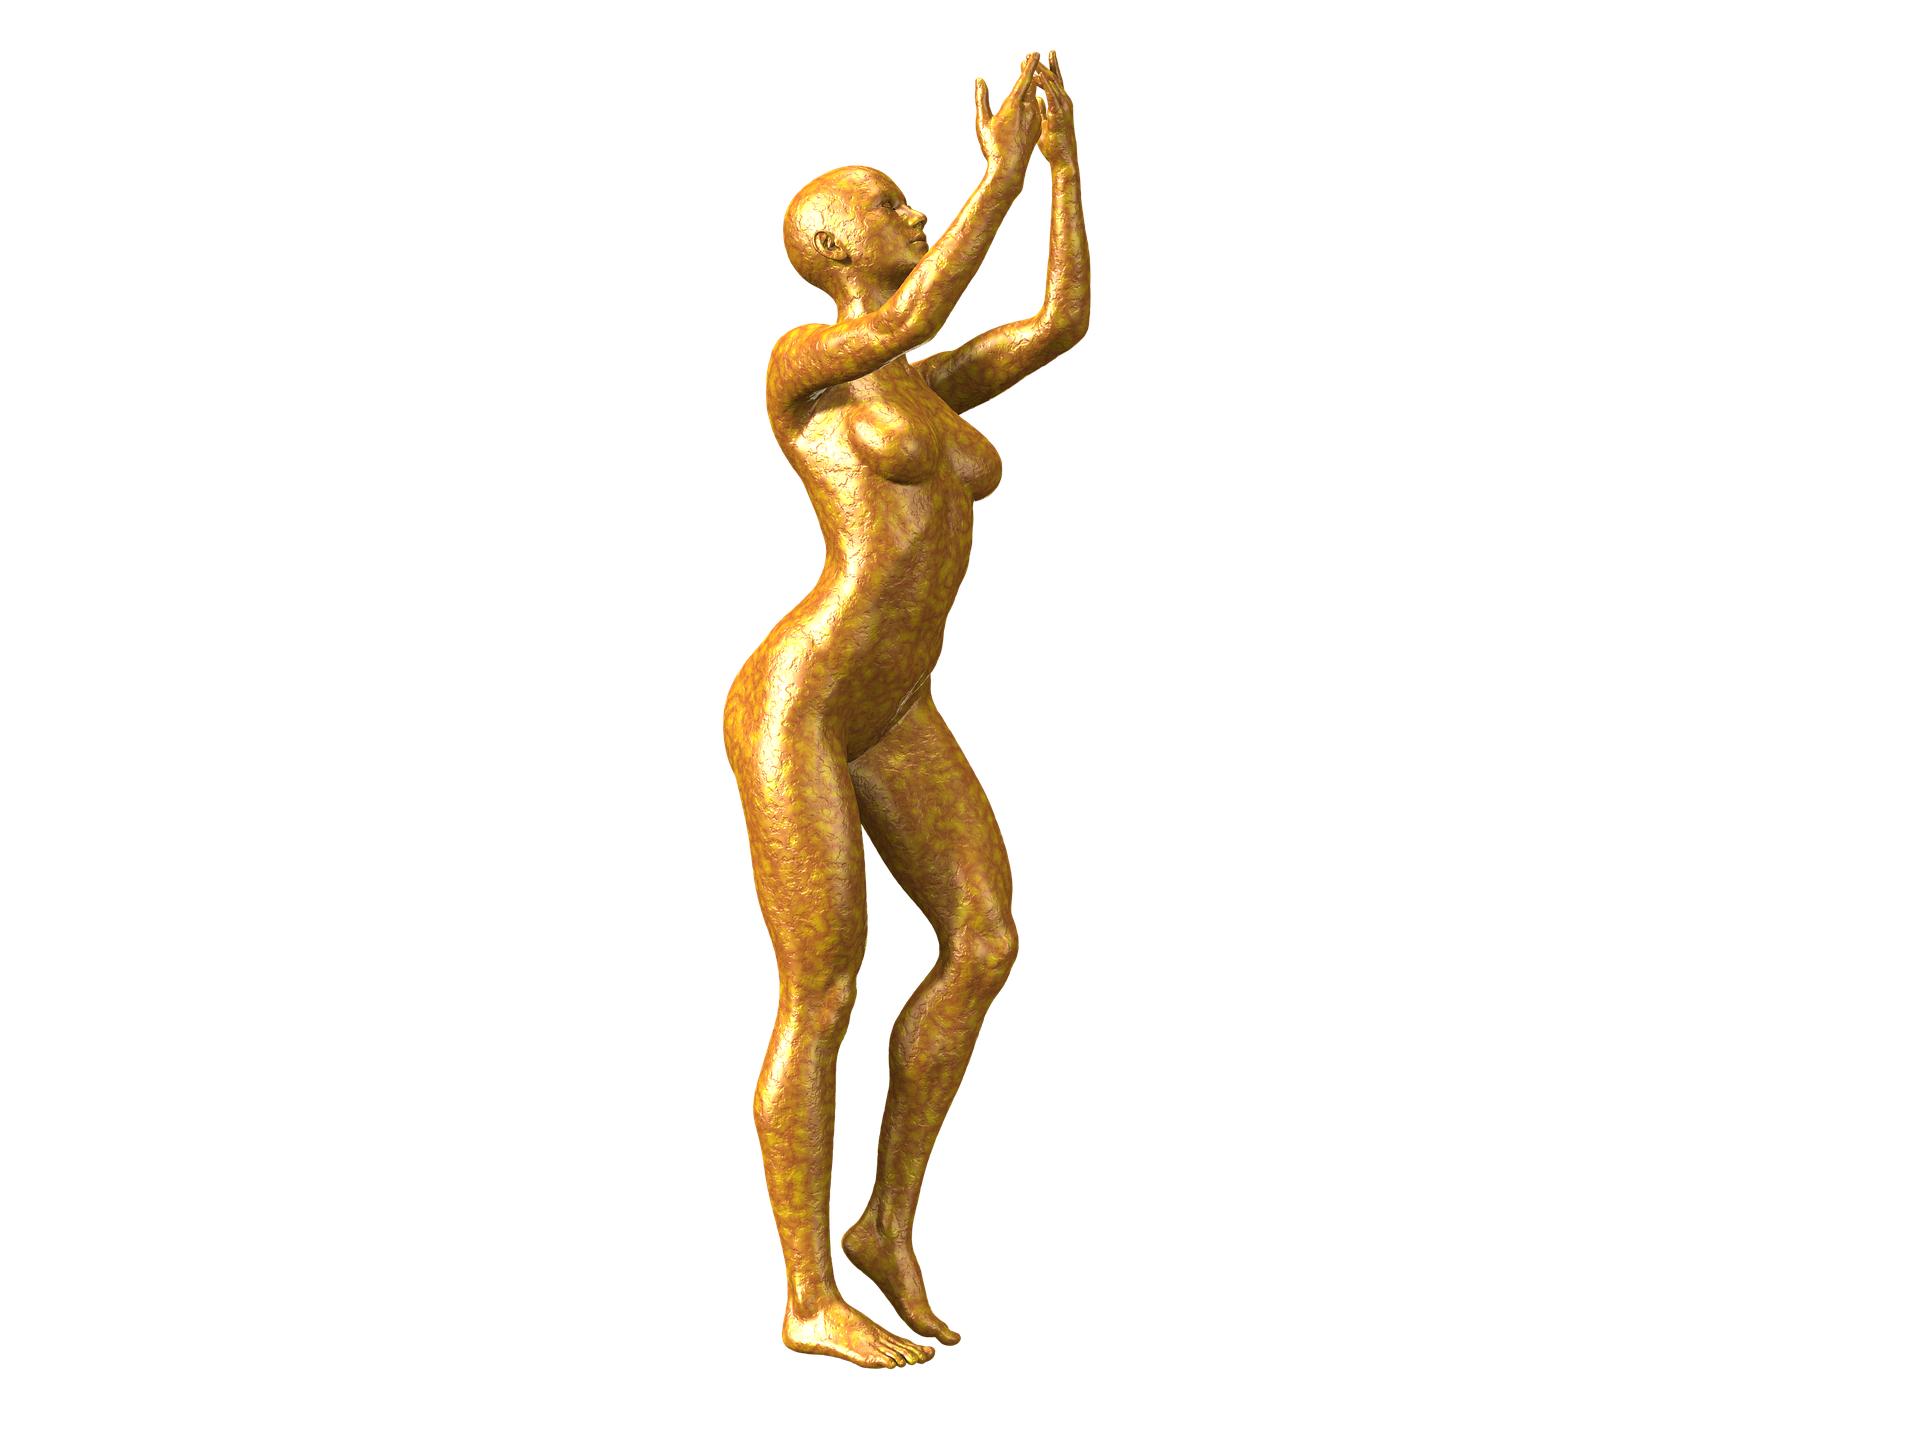 Spoření ve zlatě - jistota a budoucnost